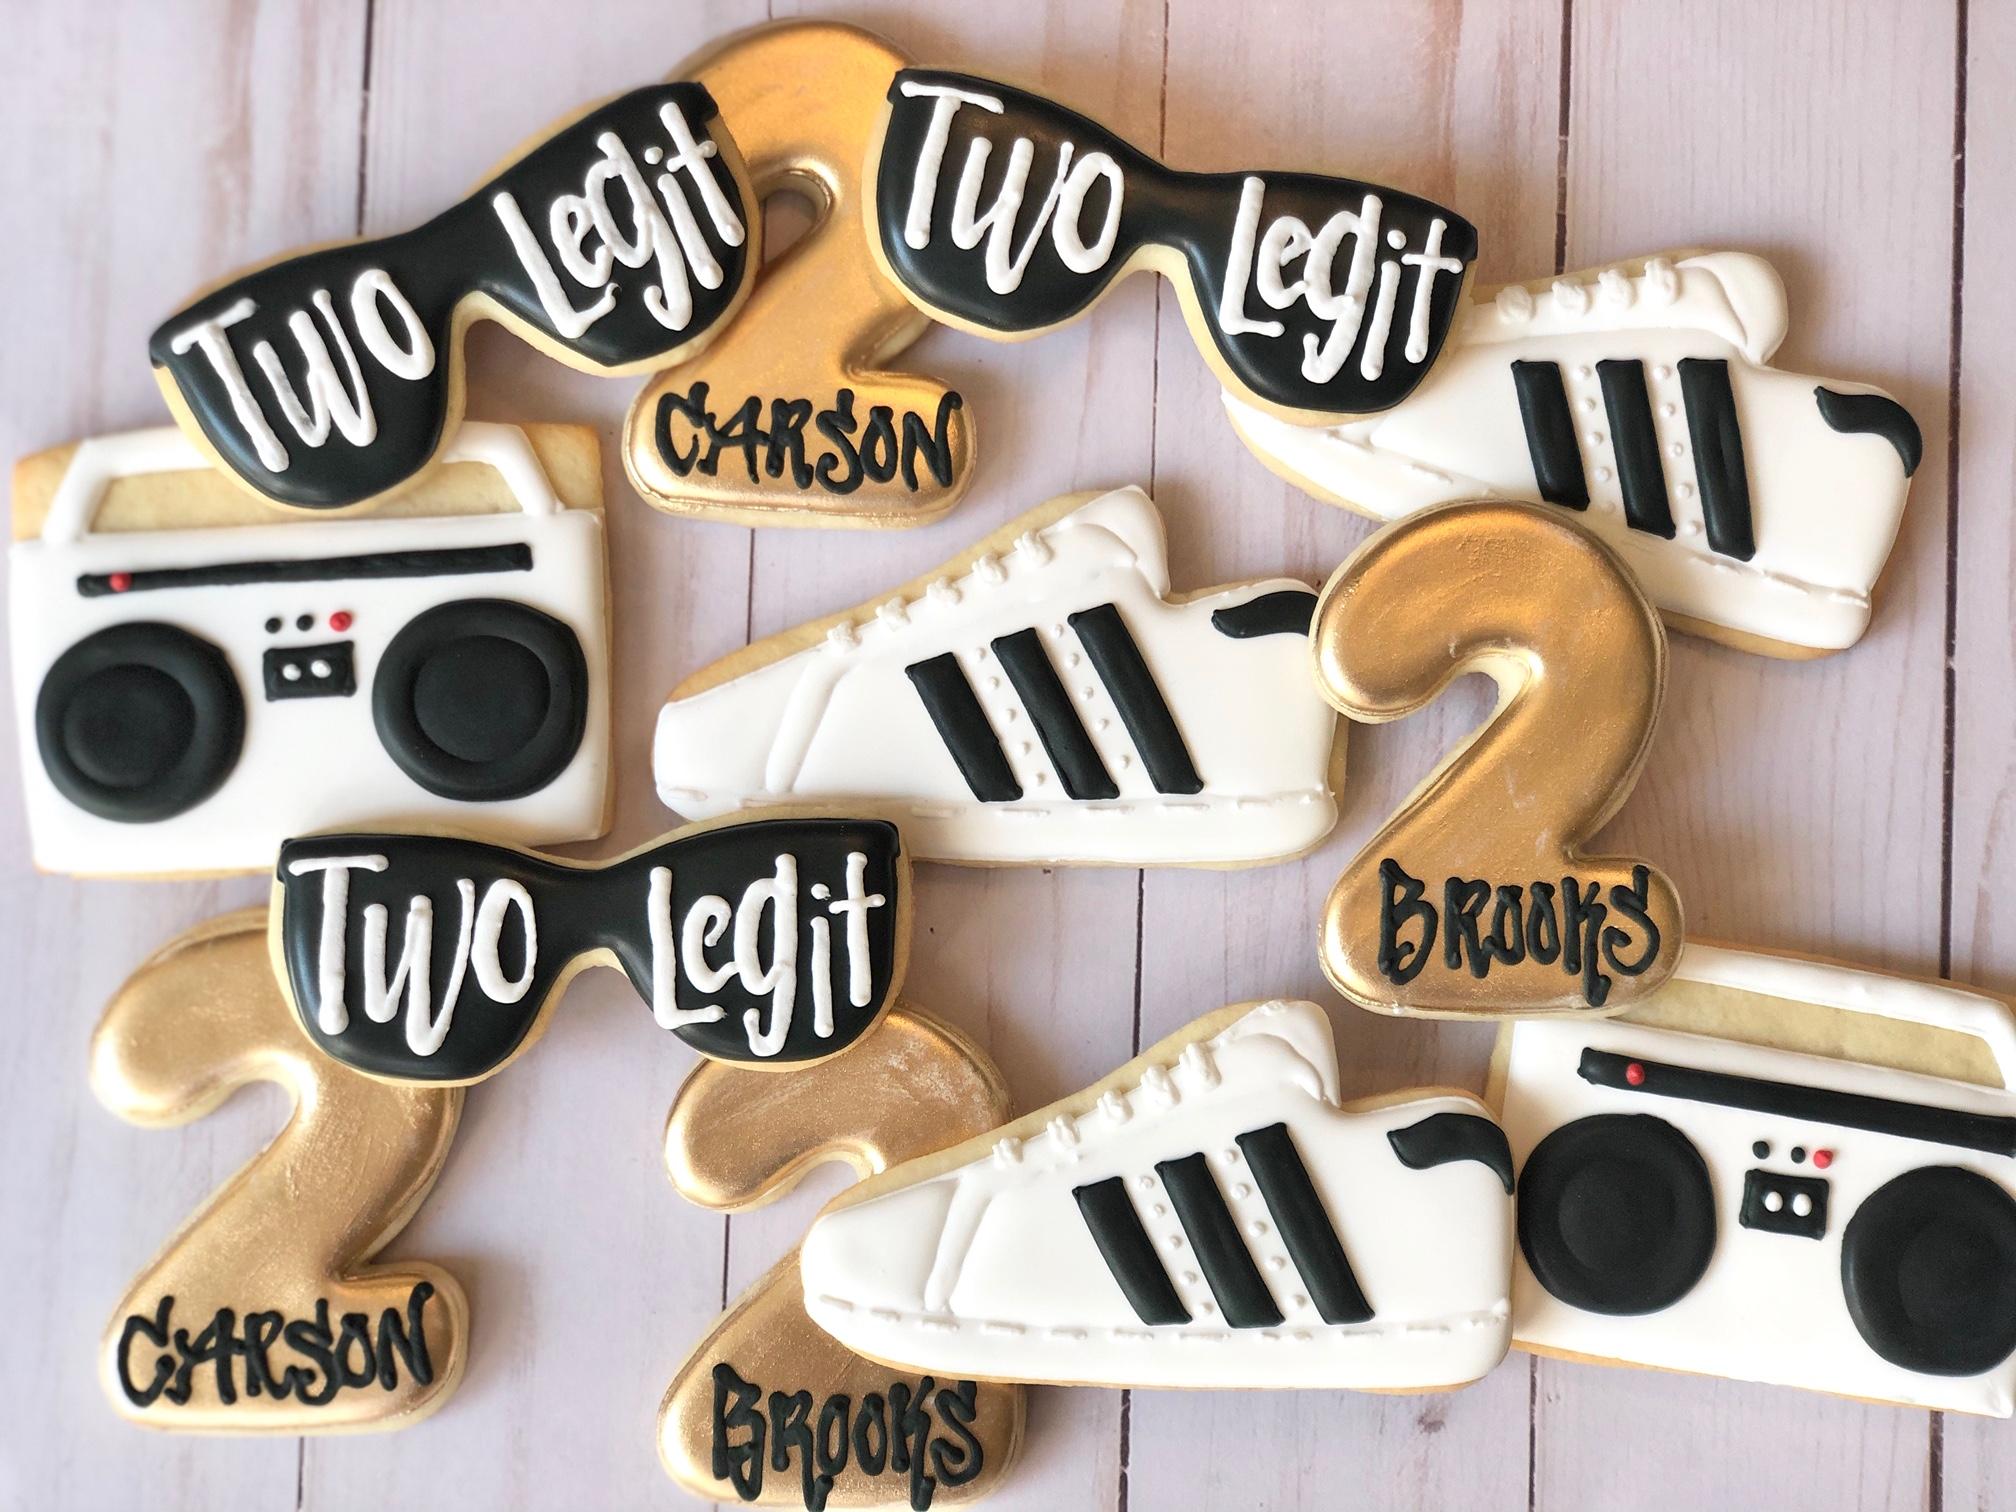 Two Legit Custom Cookies